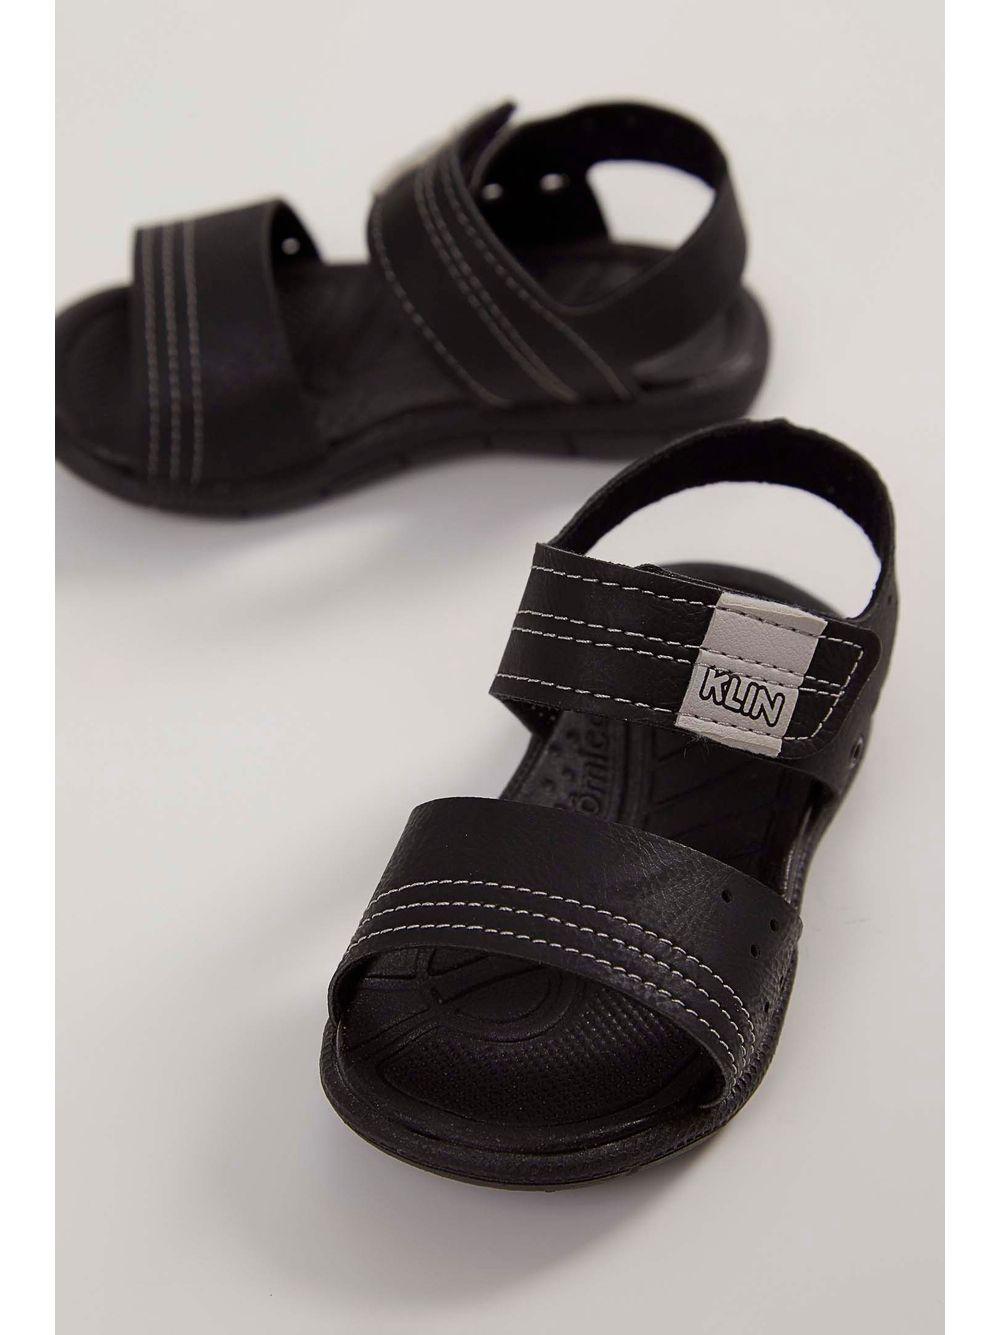 2586760427d3e Previous. Sandalia-Infantil-Papete-Klin-Velcro- ...